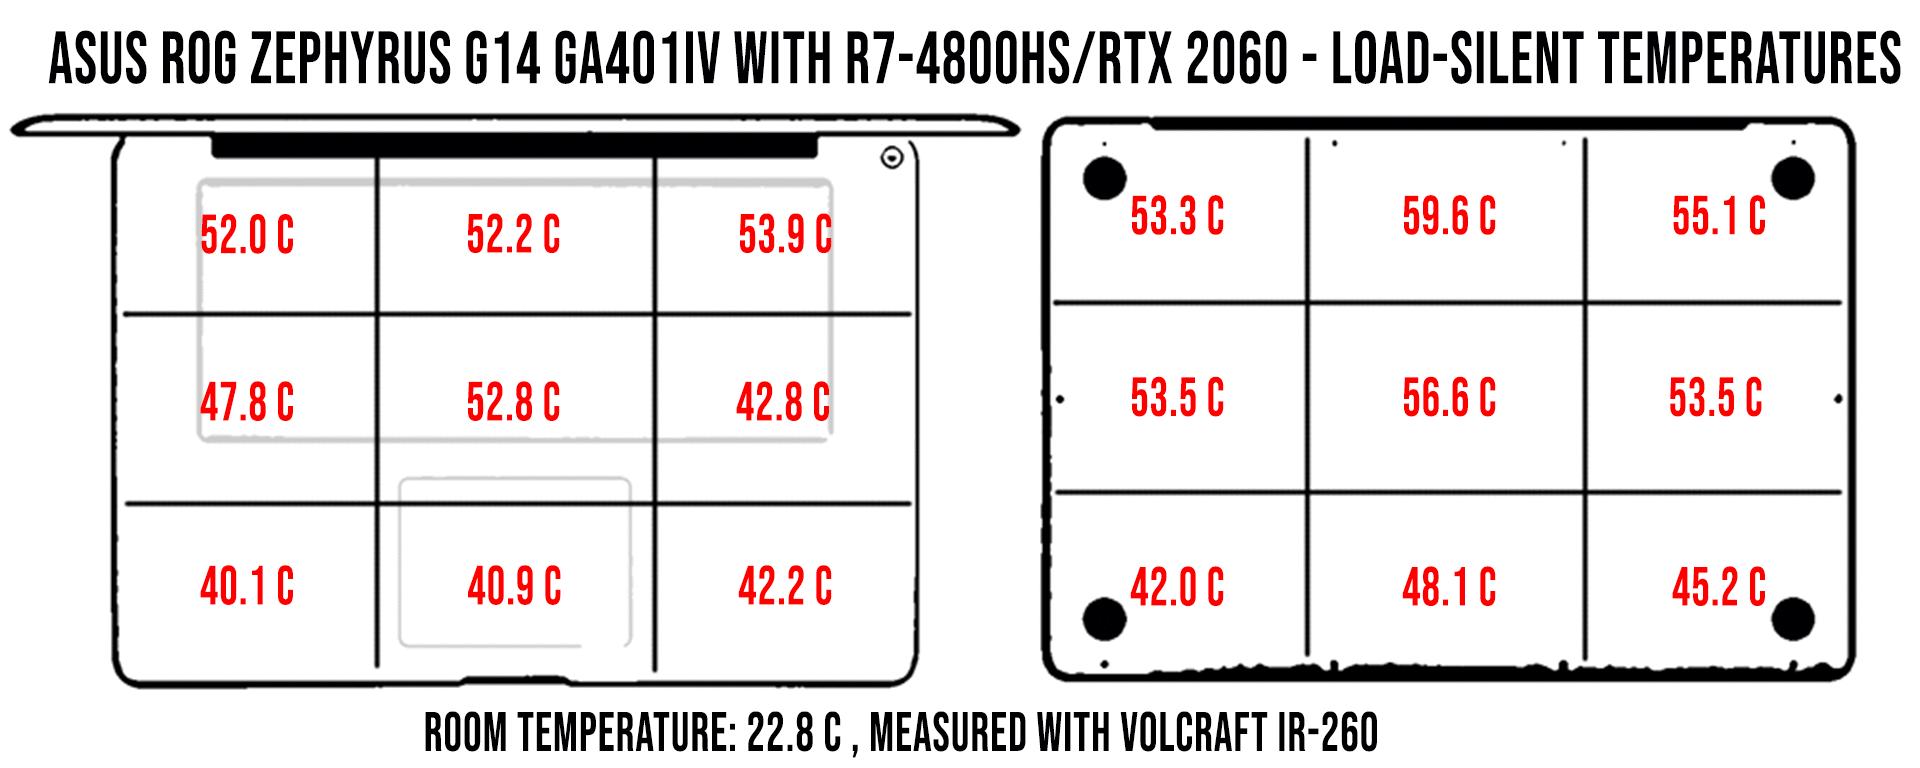 temperaturi-load-silent-zephyrus-g14-ga401iv